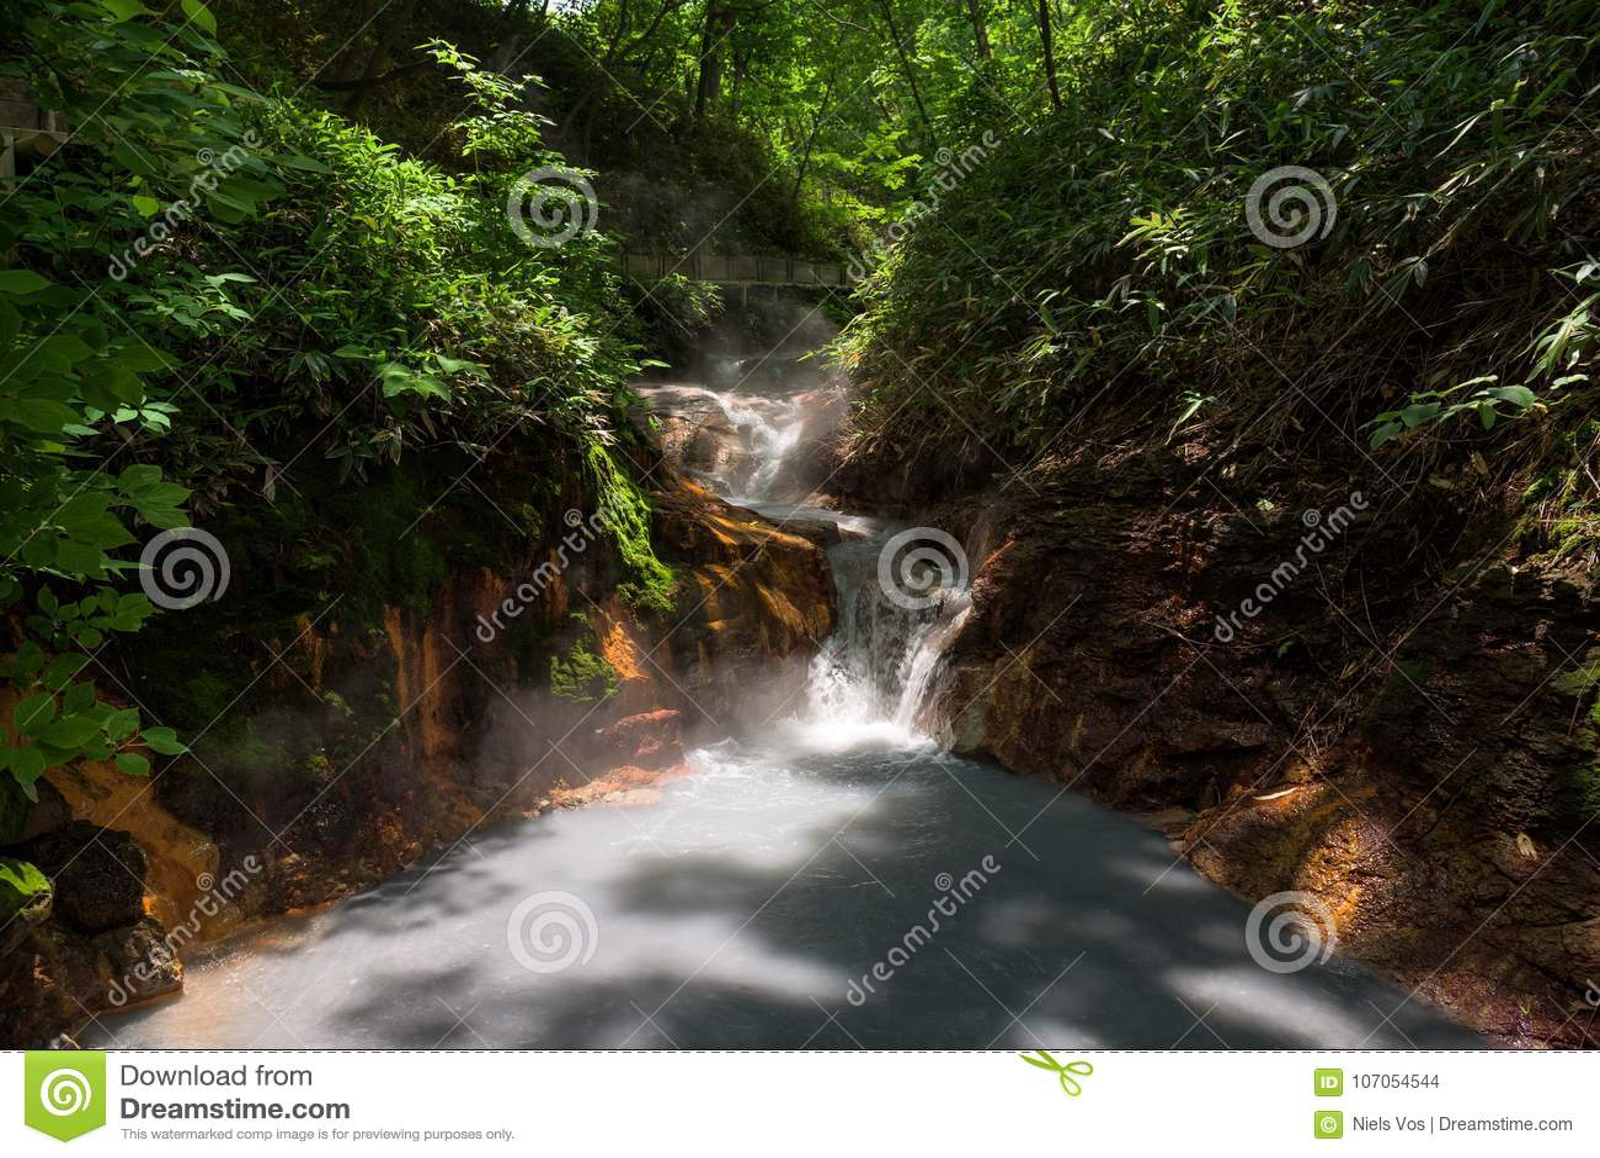 Agua caliente del río de Oyunumagawa que fluye de la charca de Oyunuma a través del valle Jigokudani del infierno